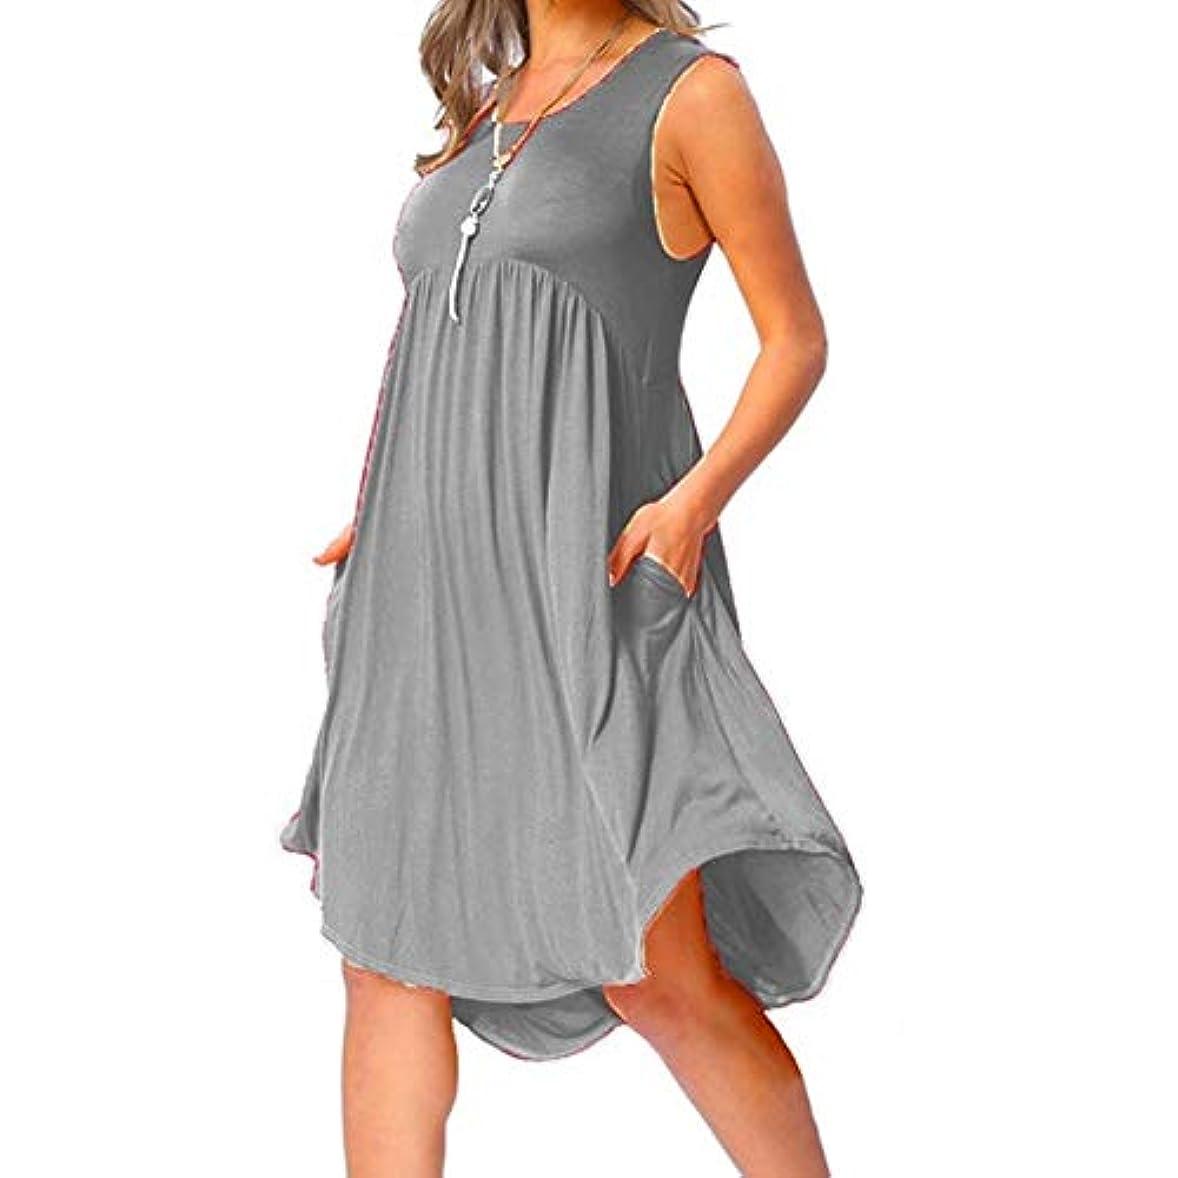 前任者振り向くナインへMIFAN の女性のドレスカジュアルな不規則なドレスルースサマービーチTシャツドレス